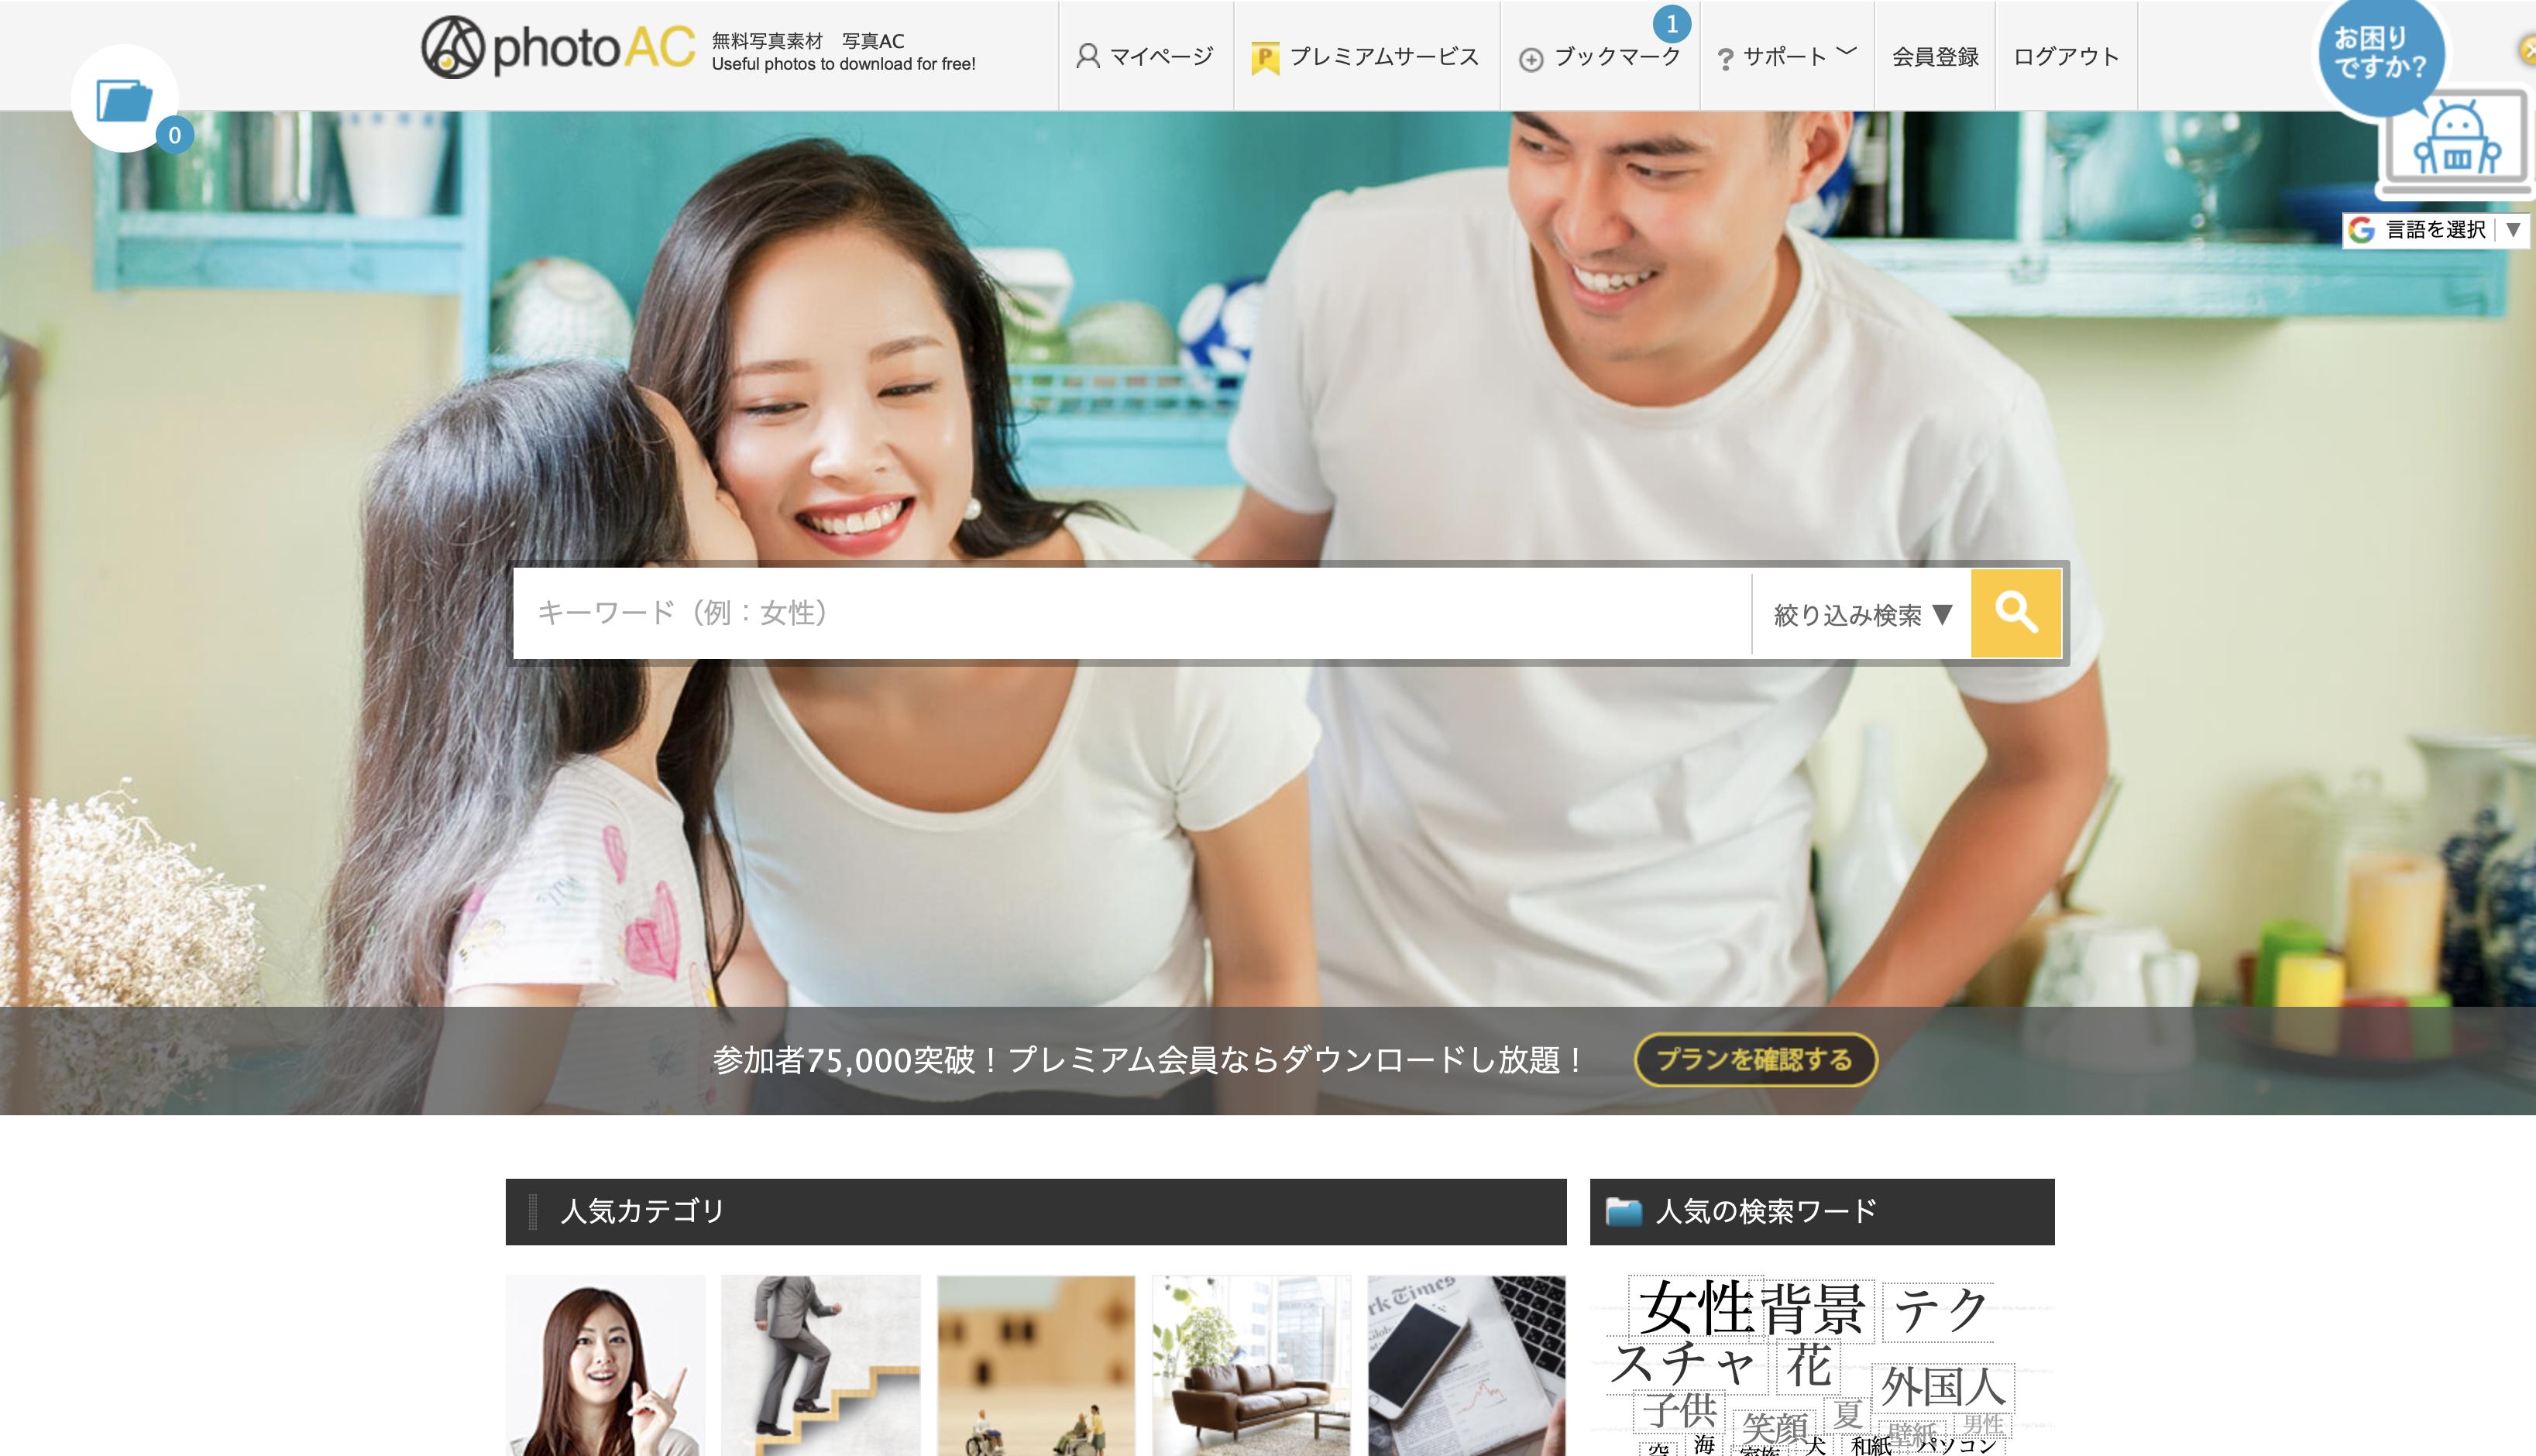 写真AC 公式サイト